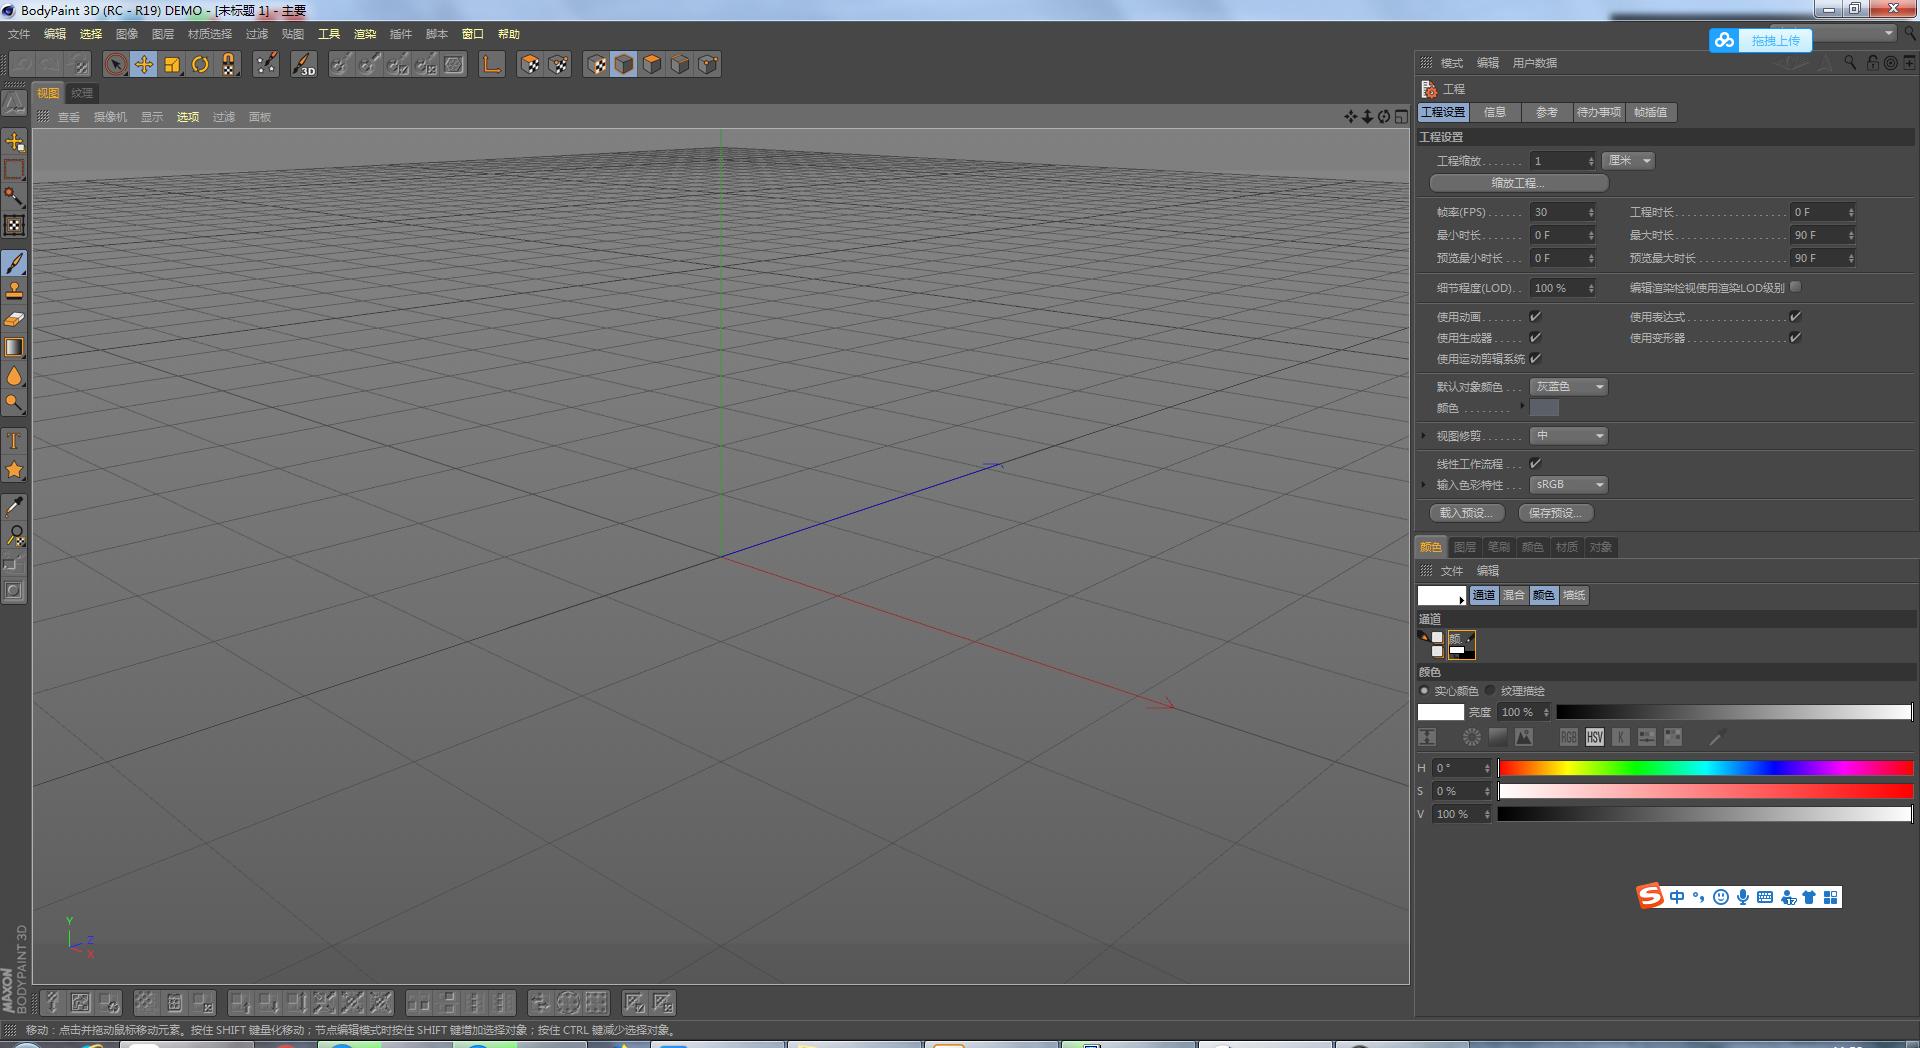 BodyPaint 3D R20破解版【BodyPaint R20中文版】中文破解版插图3